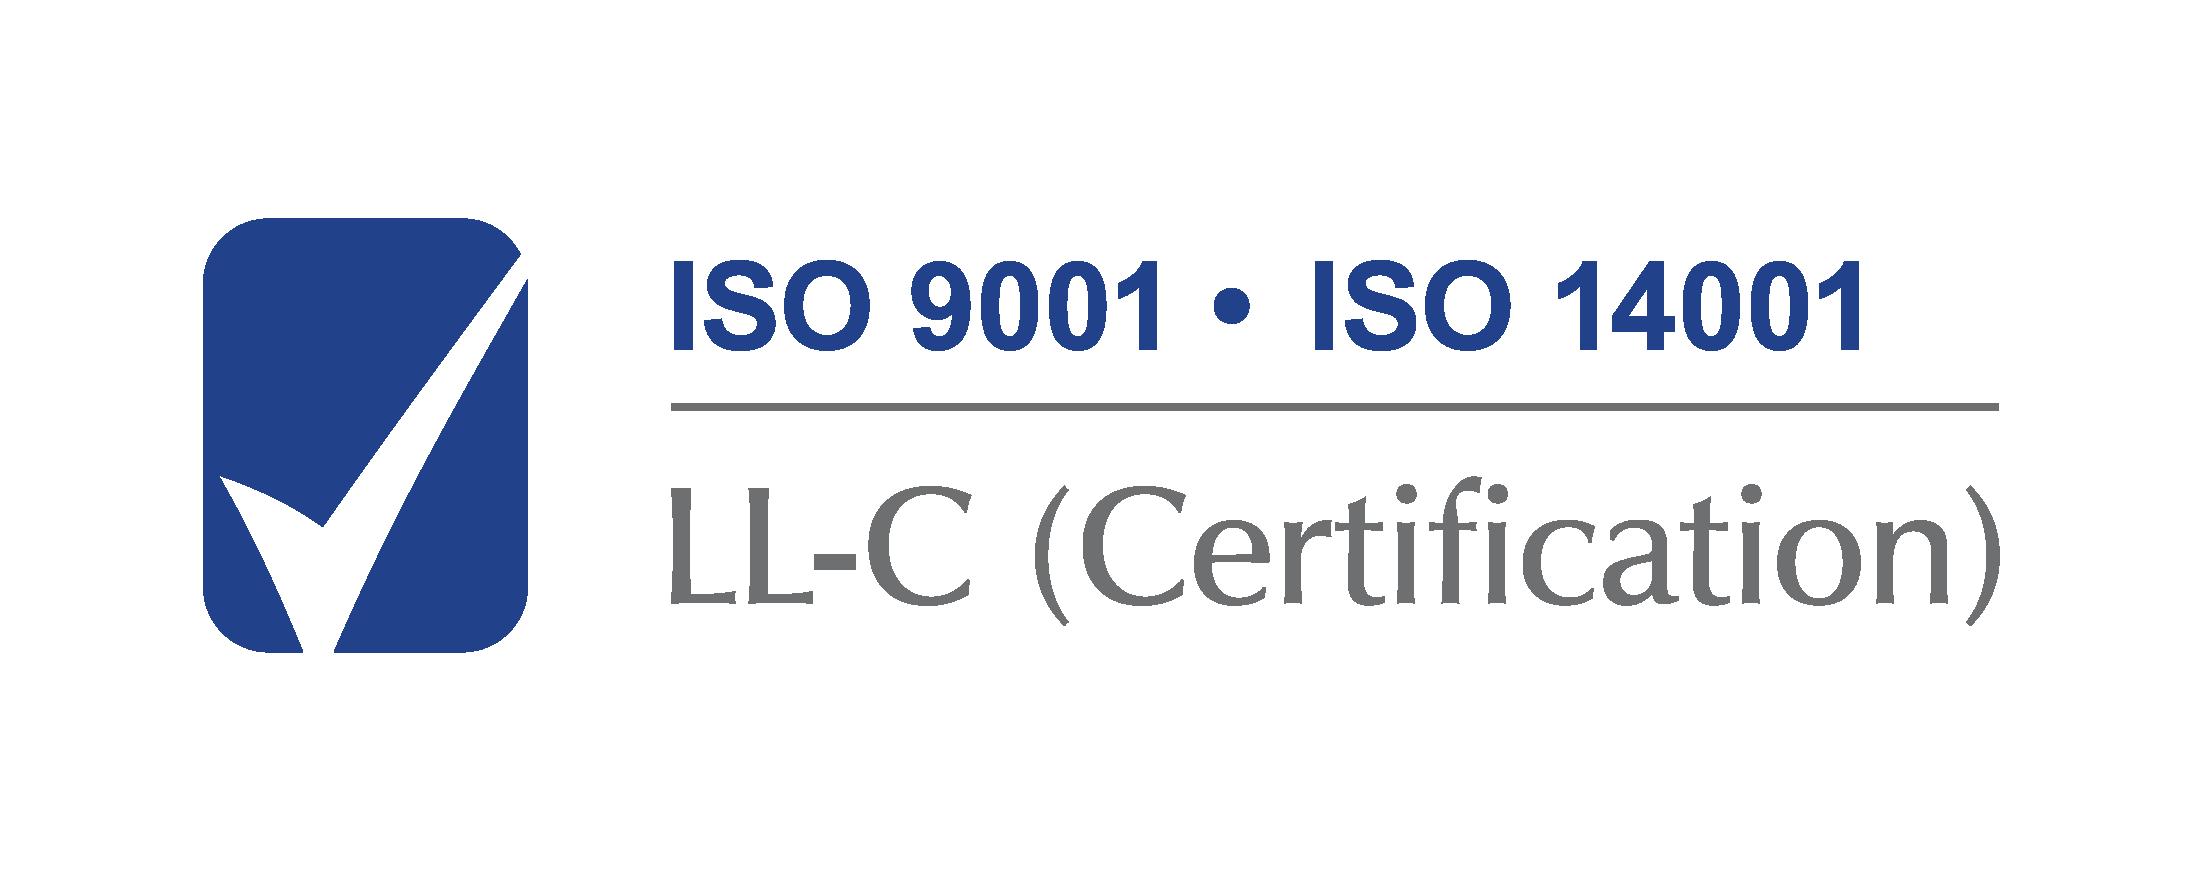 LL-C_loga-ISO_9001_a_ISO_14001-01